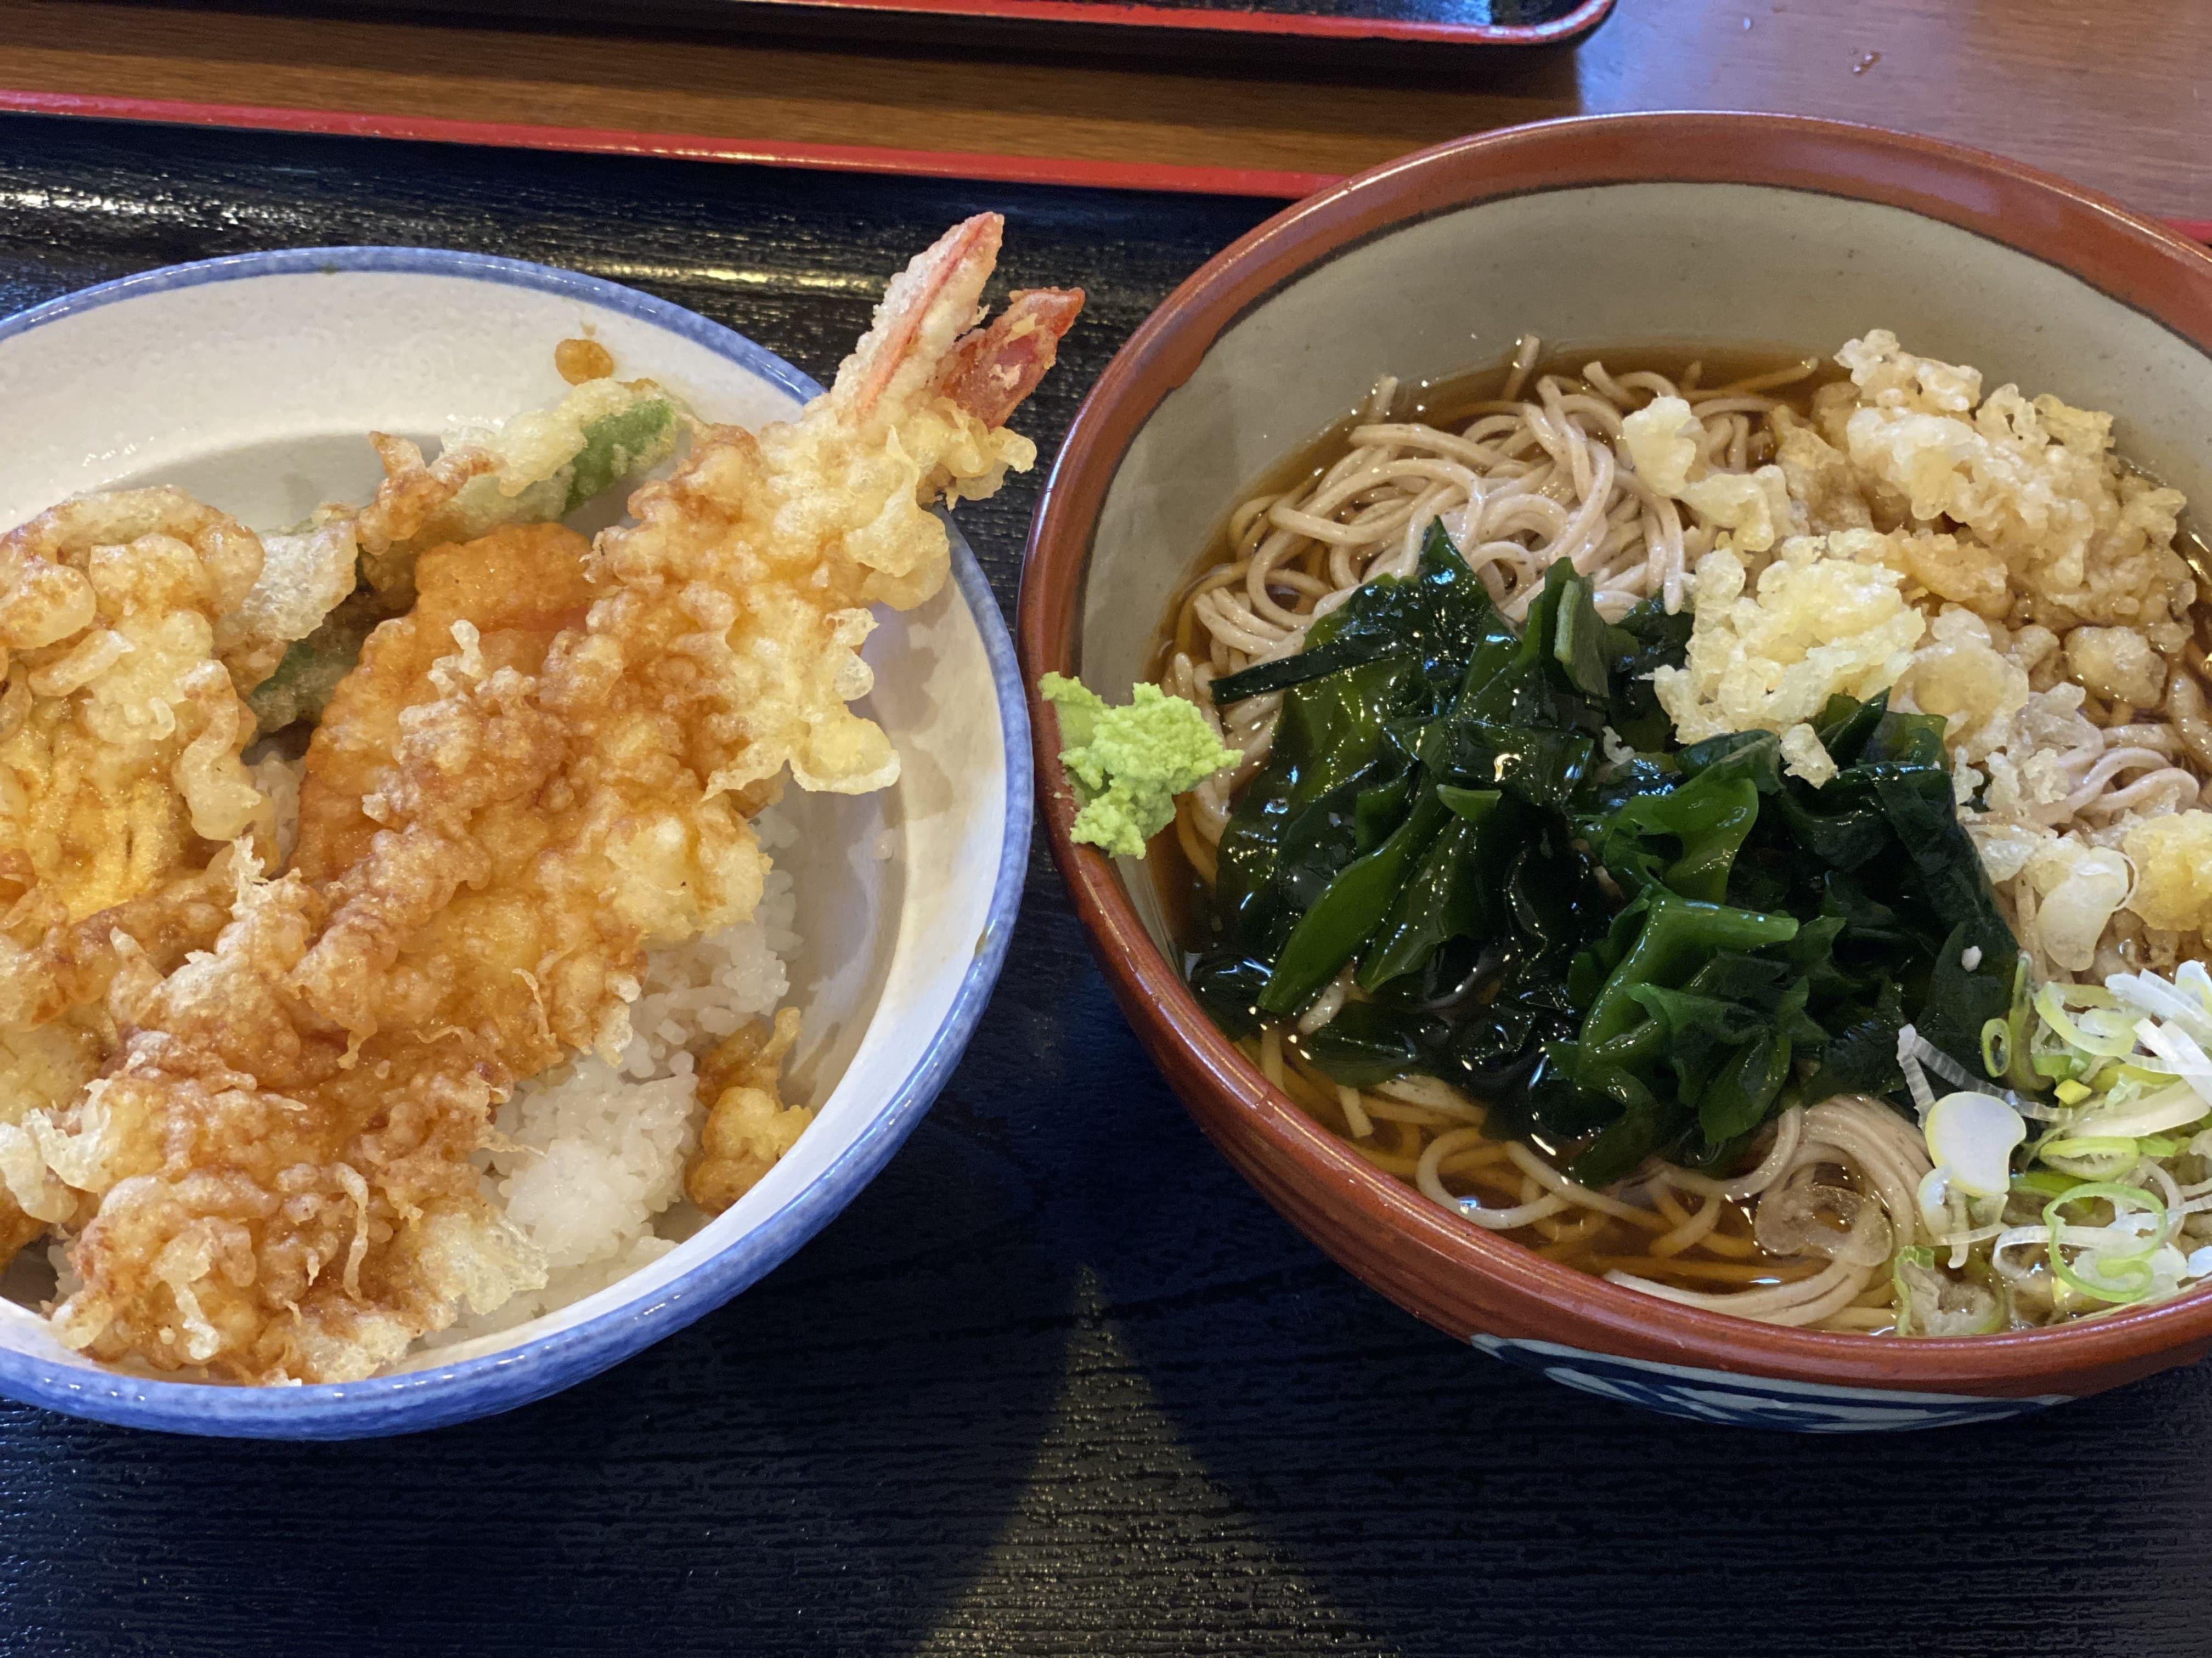 久しぶりの晴天‼お蕎麦を食べに行きました:)